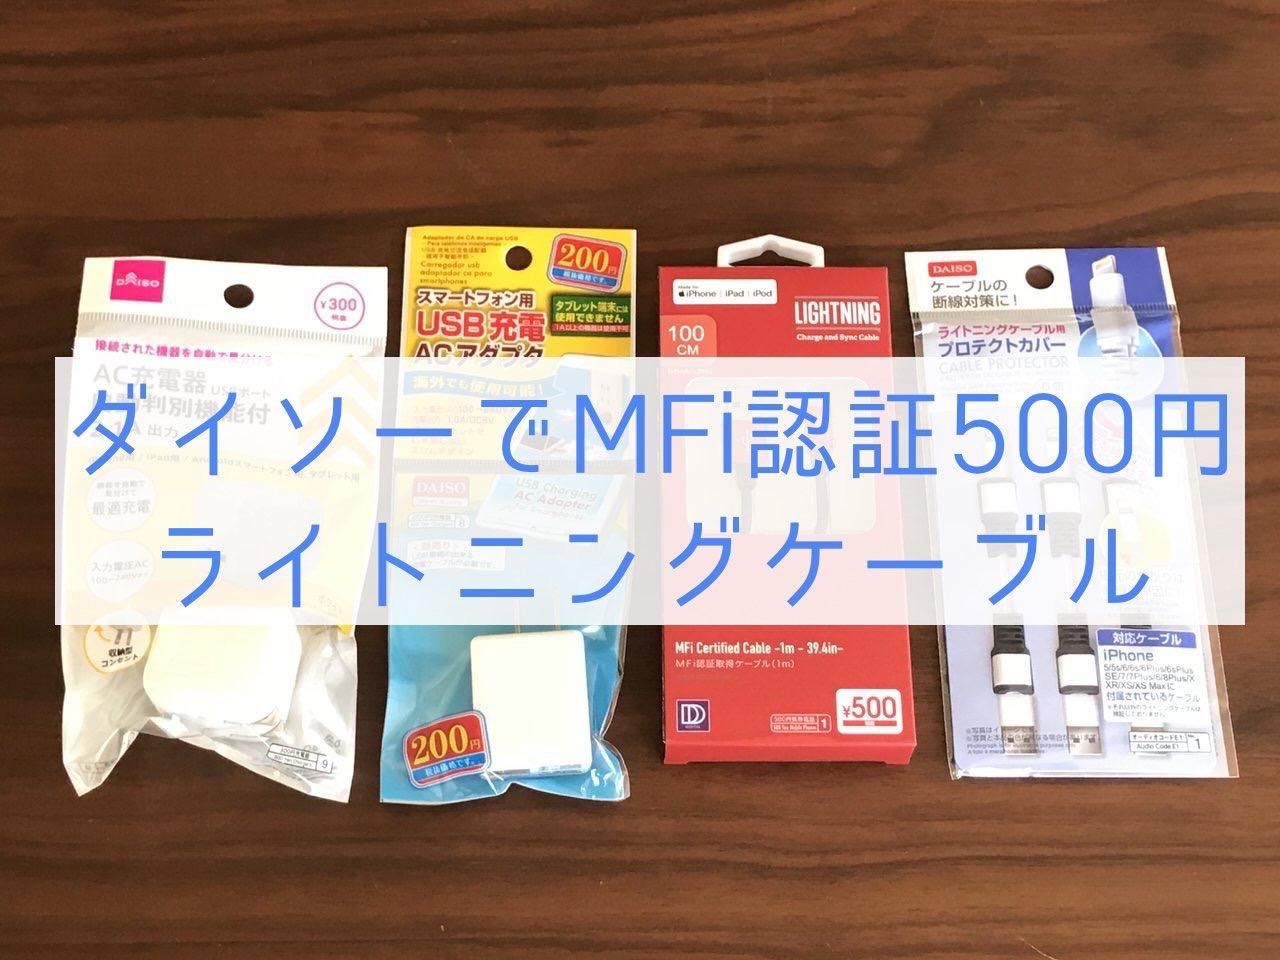 ダイソー ライトニングケーブル 500円